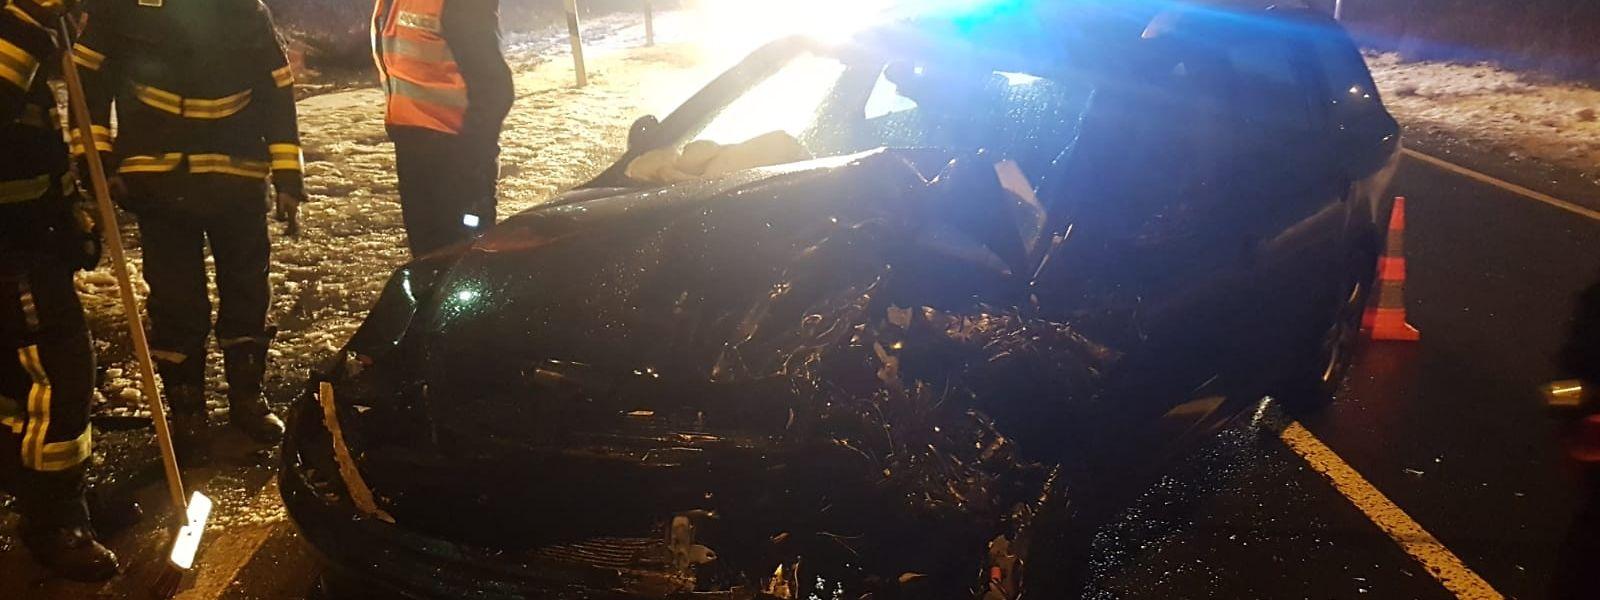 Auf der Höhe der Tankstelle in Roost waren drei Autos in einen Unfall verwickelt.